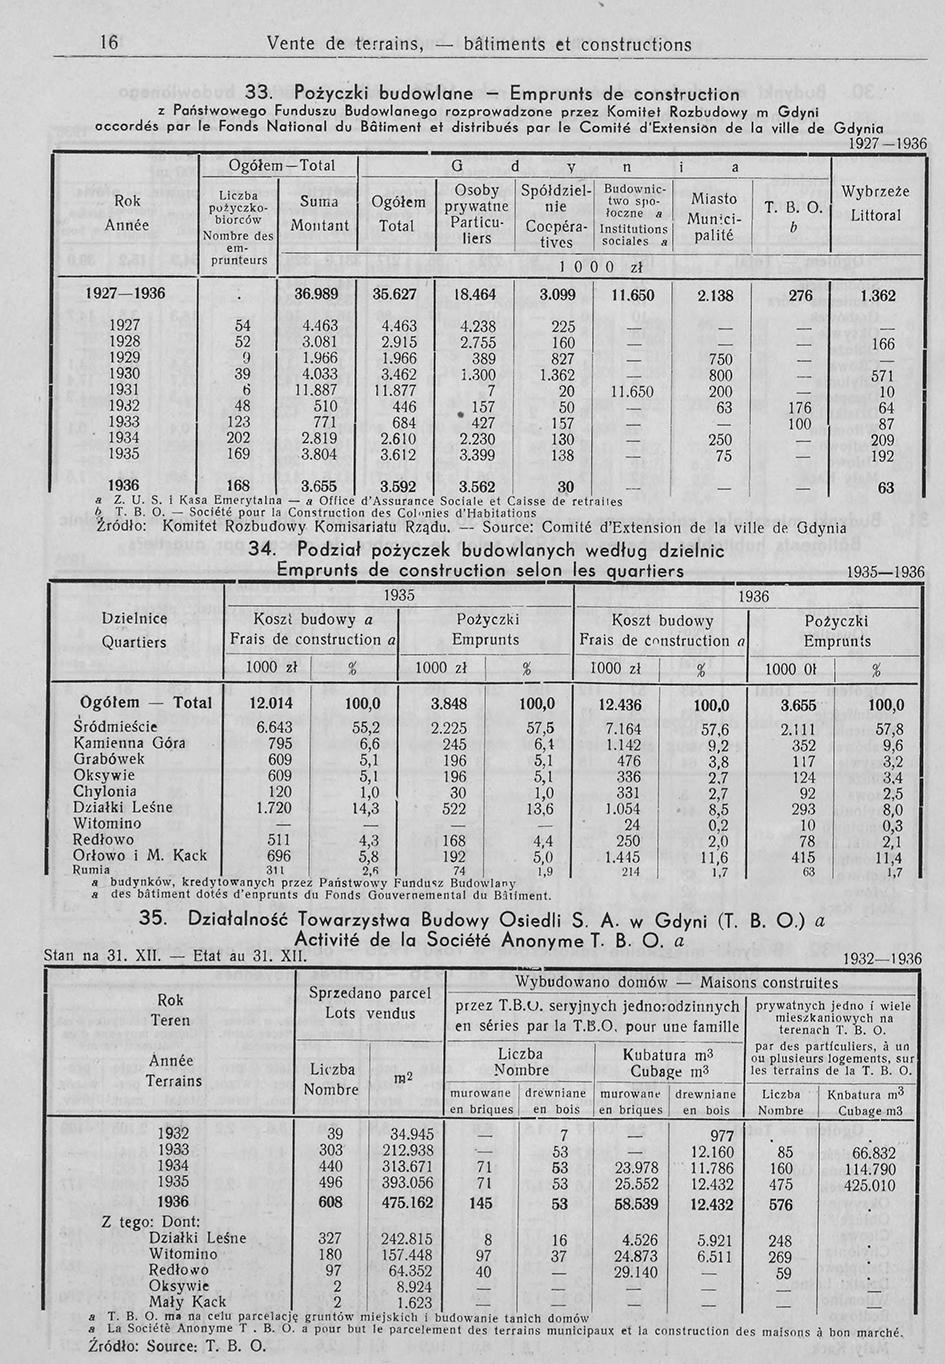 Obrót ziemią // Rocznik Statystyczny Gdyńi 1937-1938